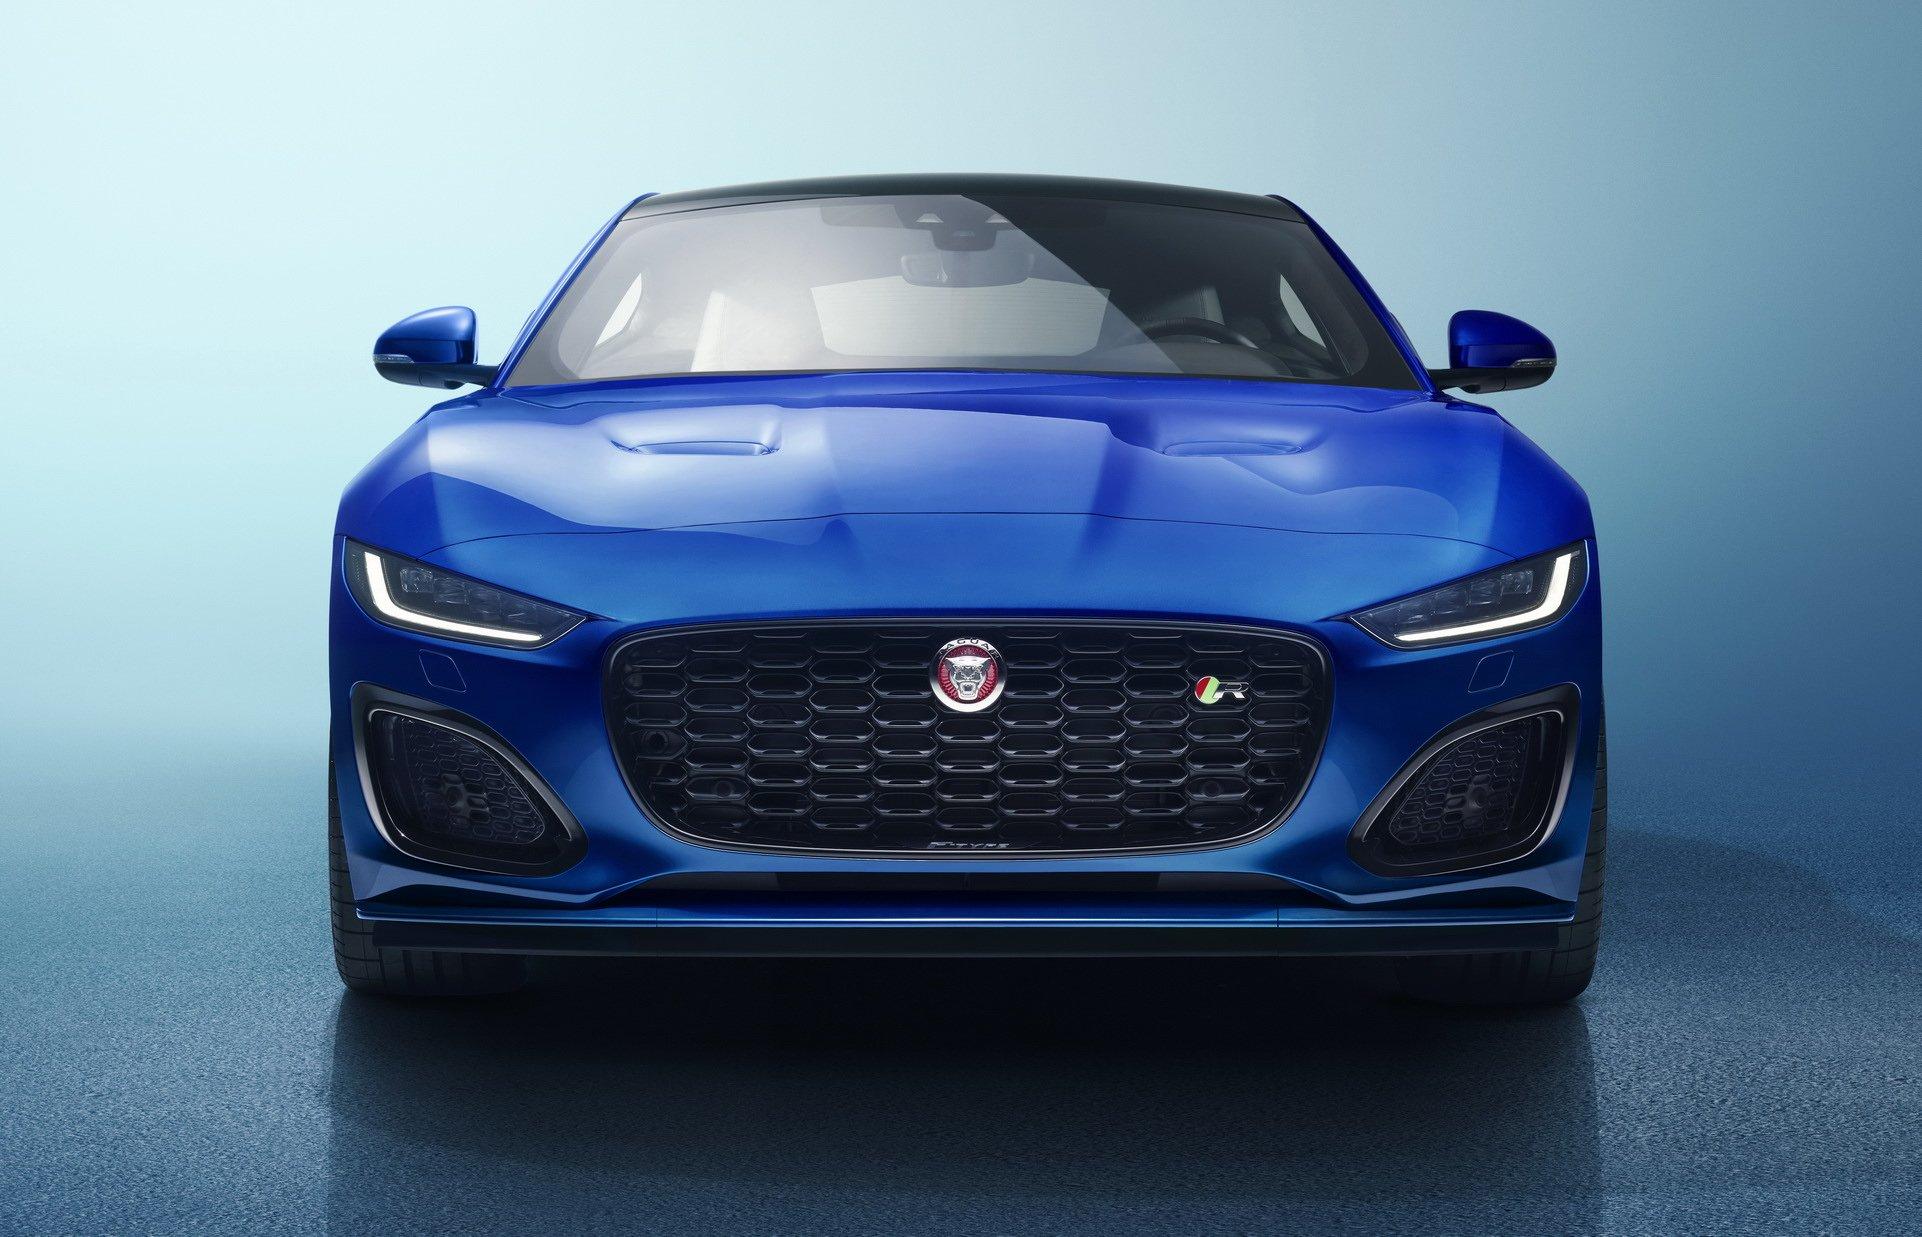 2021-jaguar-f-type-facelift-2-1.jpg